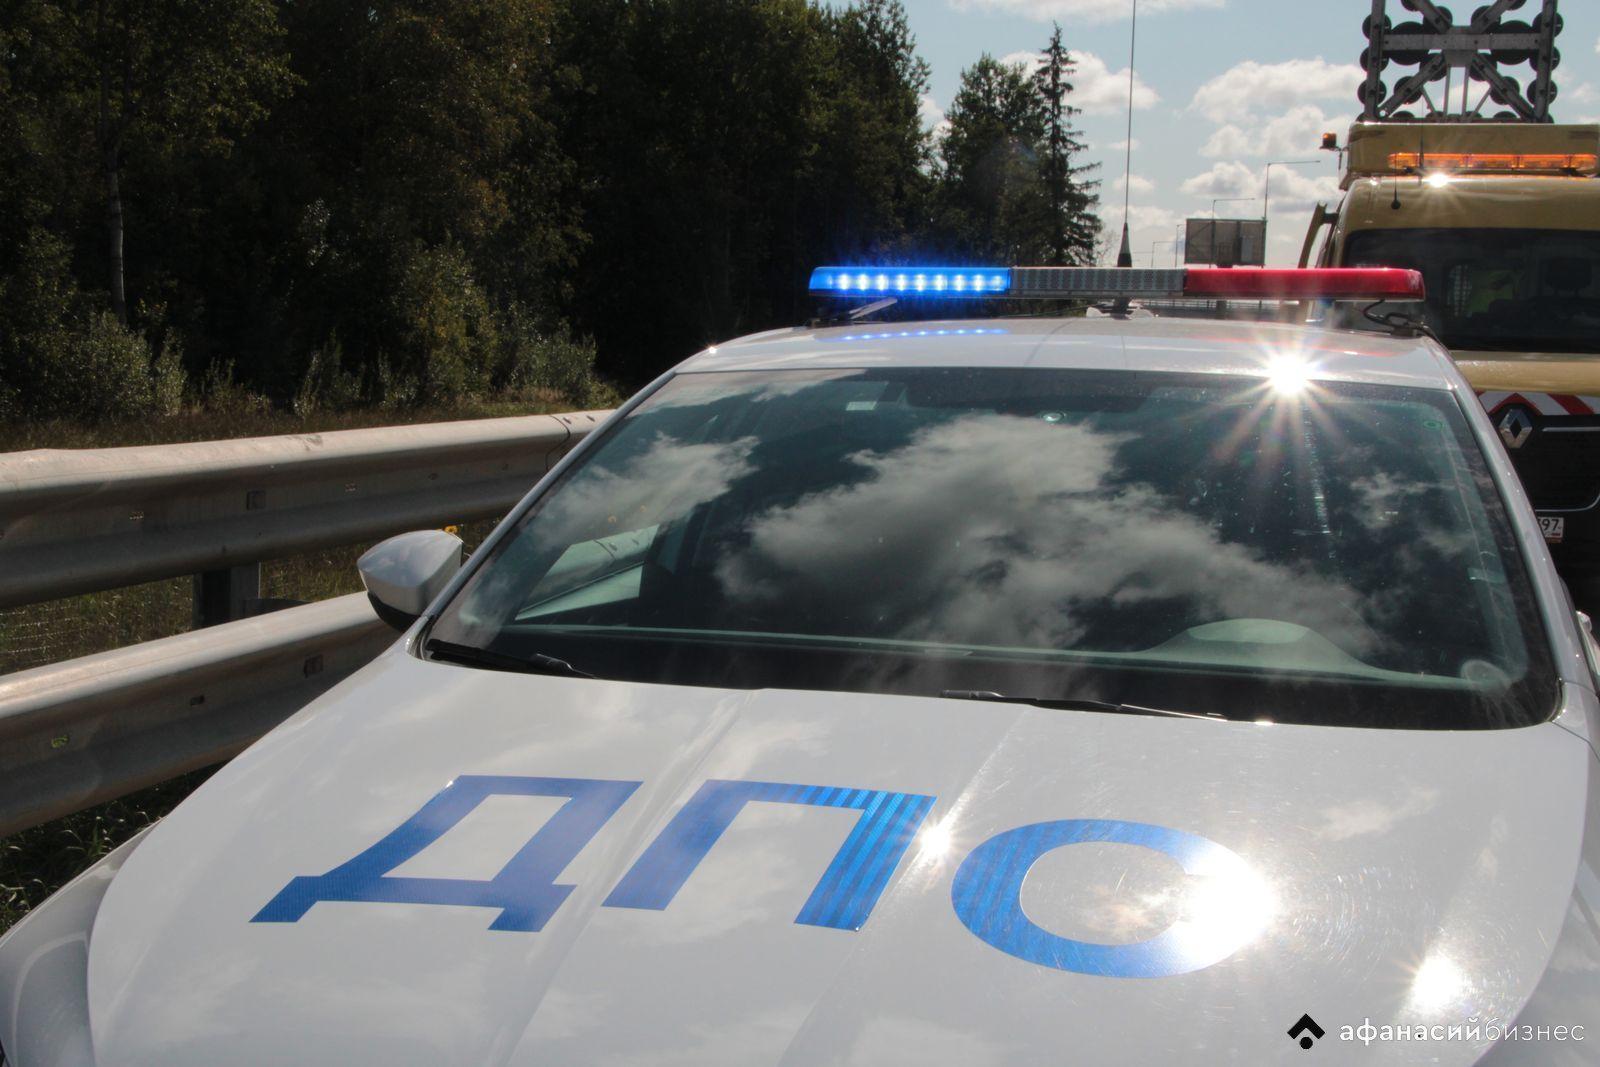 В Тверской области разыскивают очевидцев ДТП с пострадавшим, виновник которого уехал с места - новости Афанасий